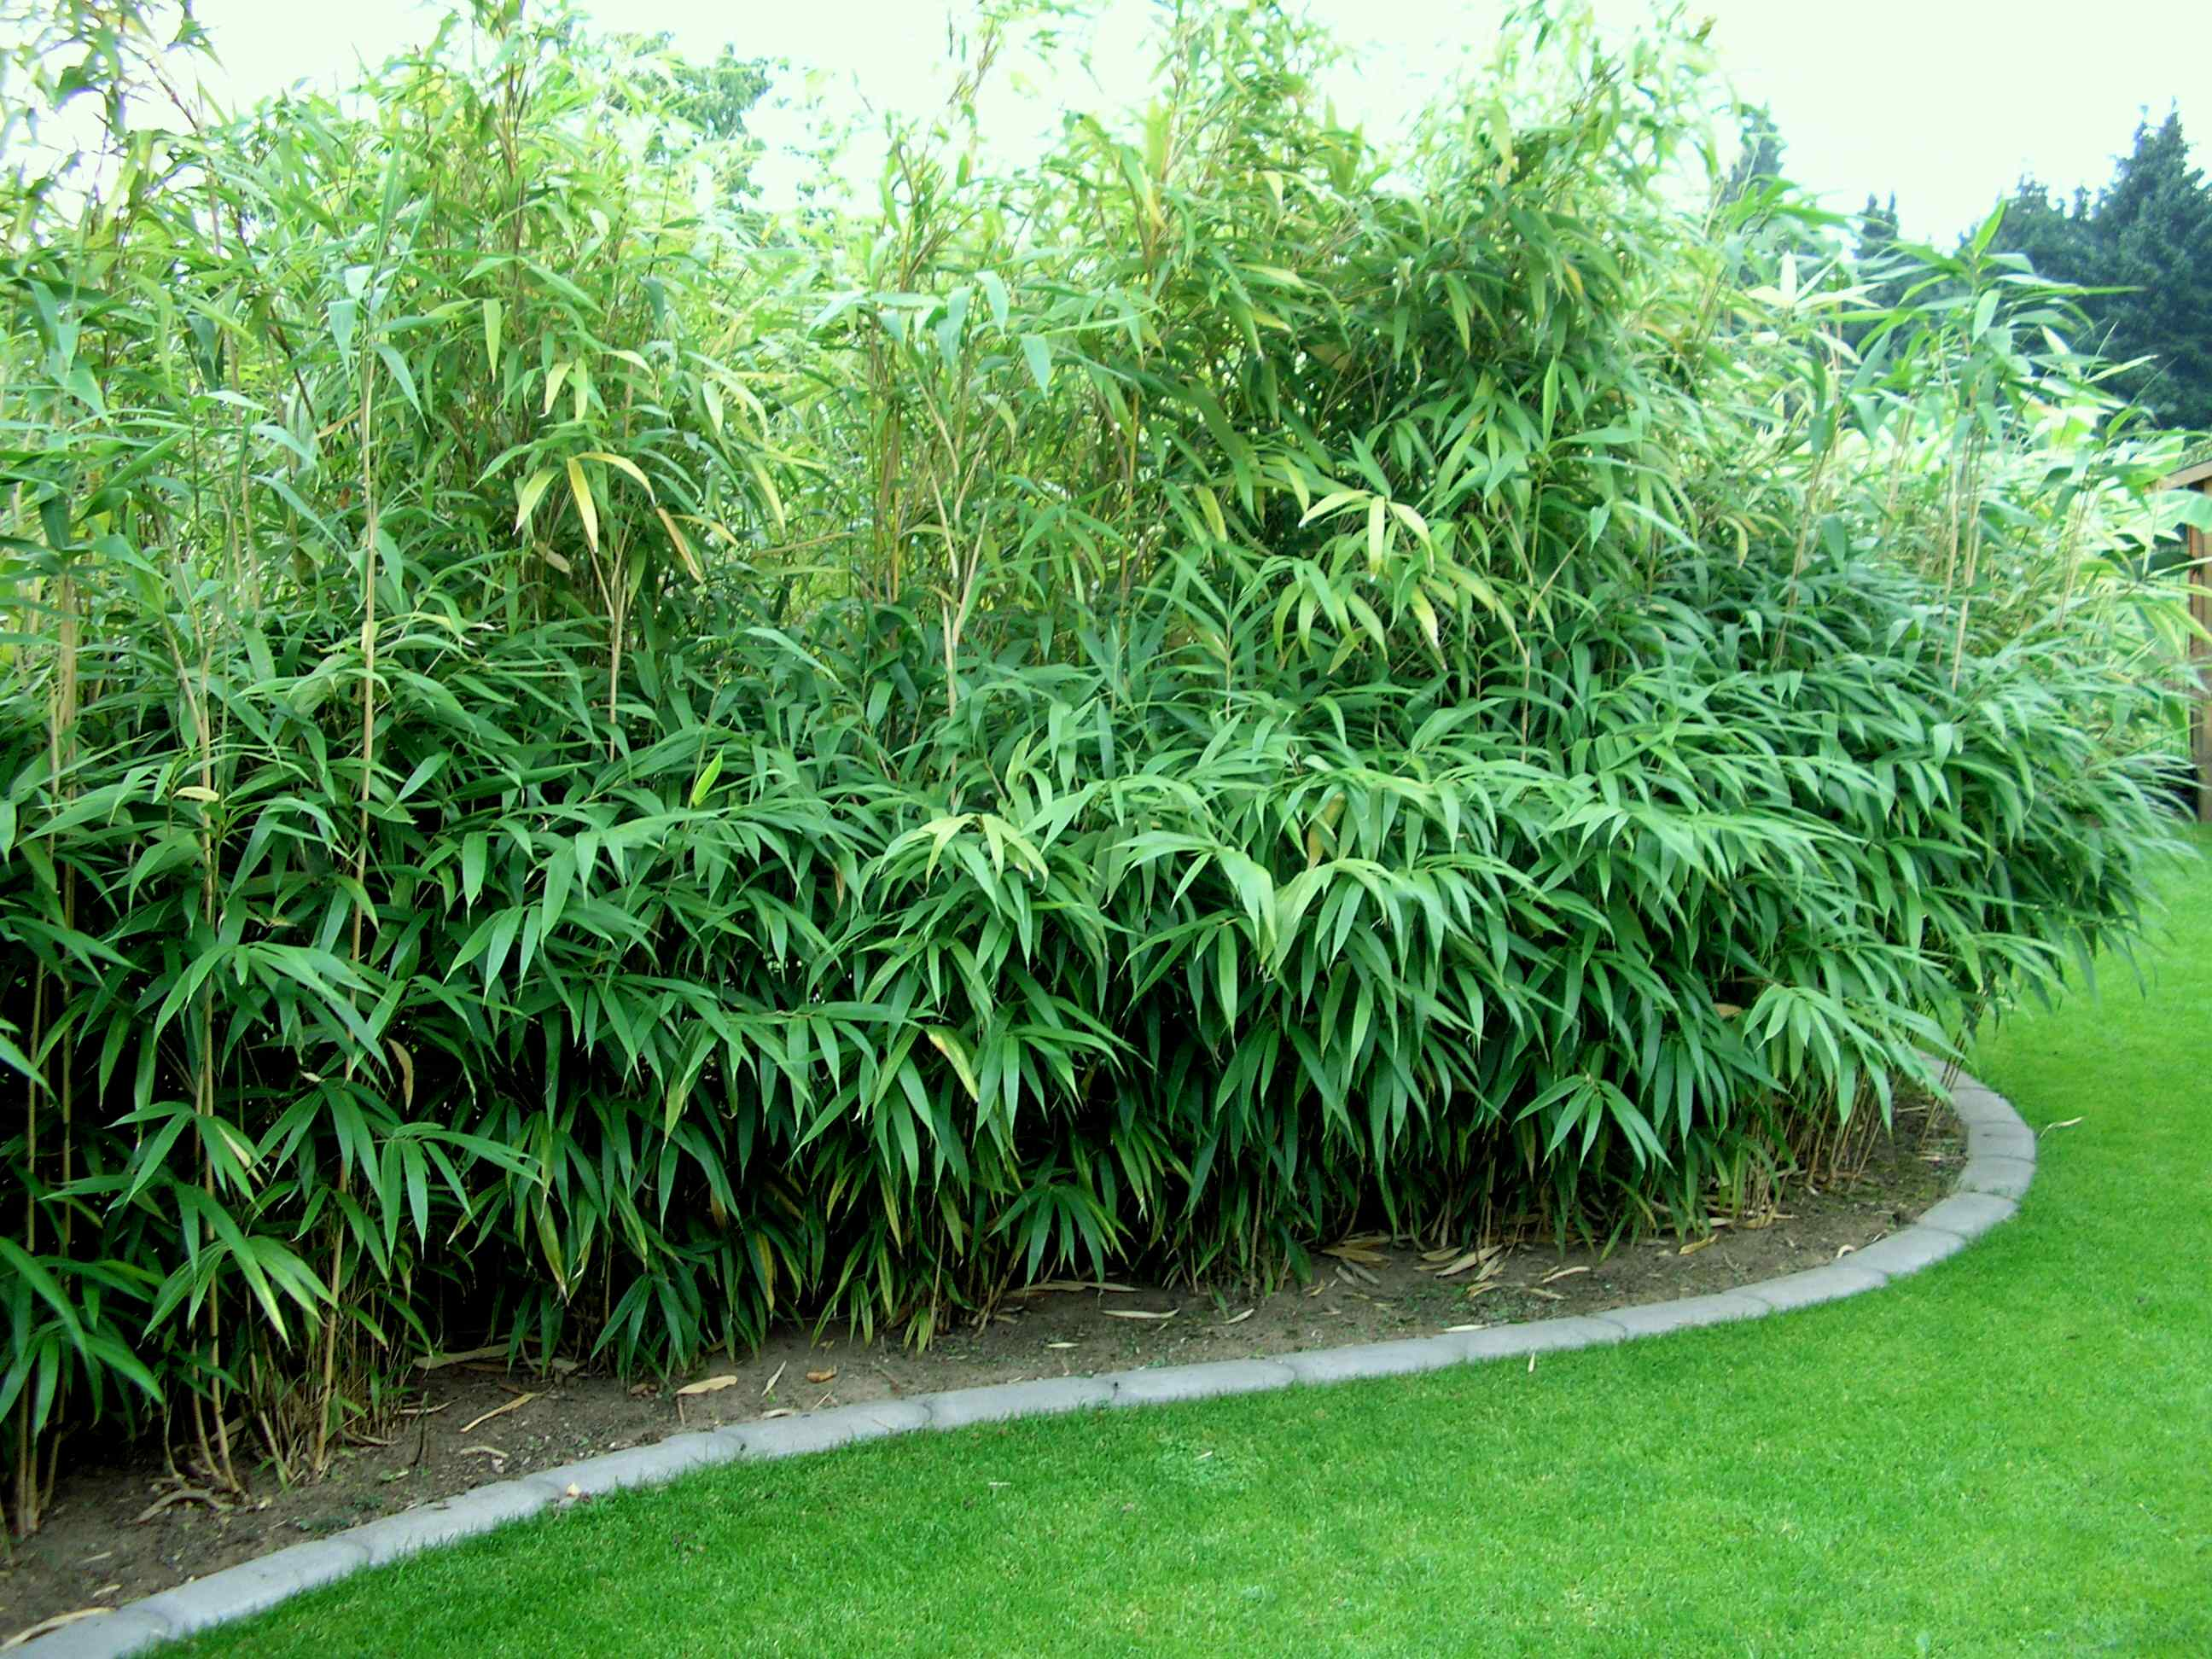 pseudosasa japonica breedbladige bamboe kopen mar chal. Black Bedroom Furniture Sets. Home Design Ideas